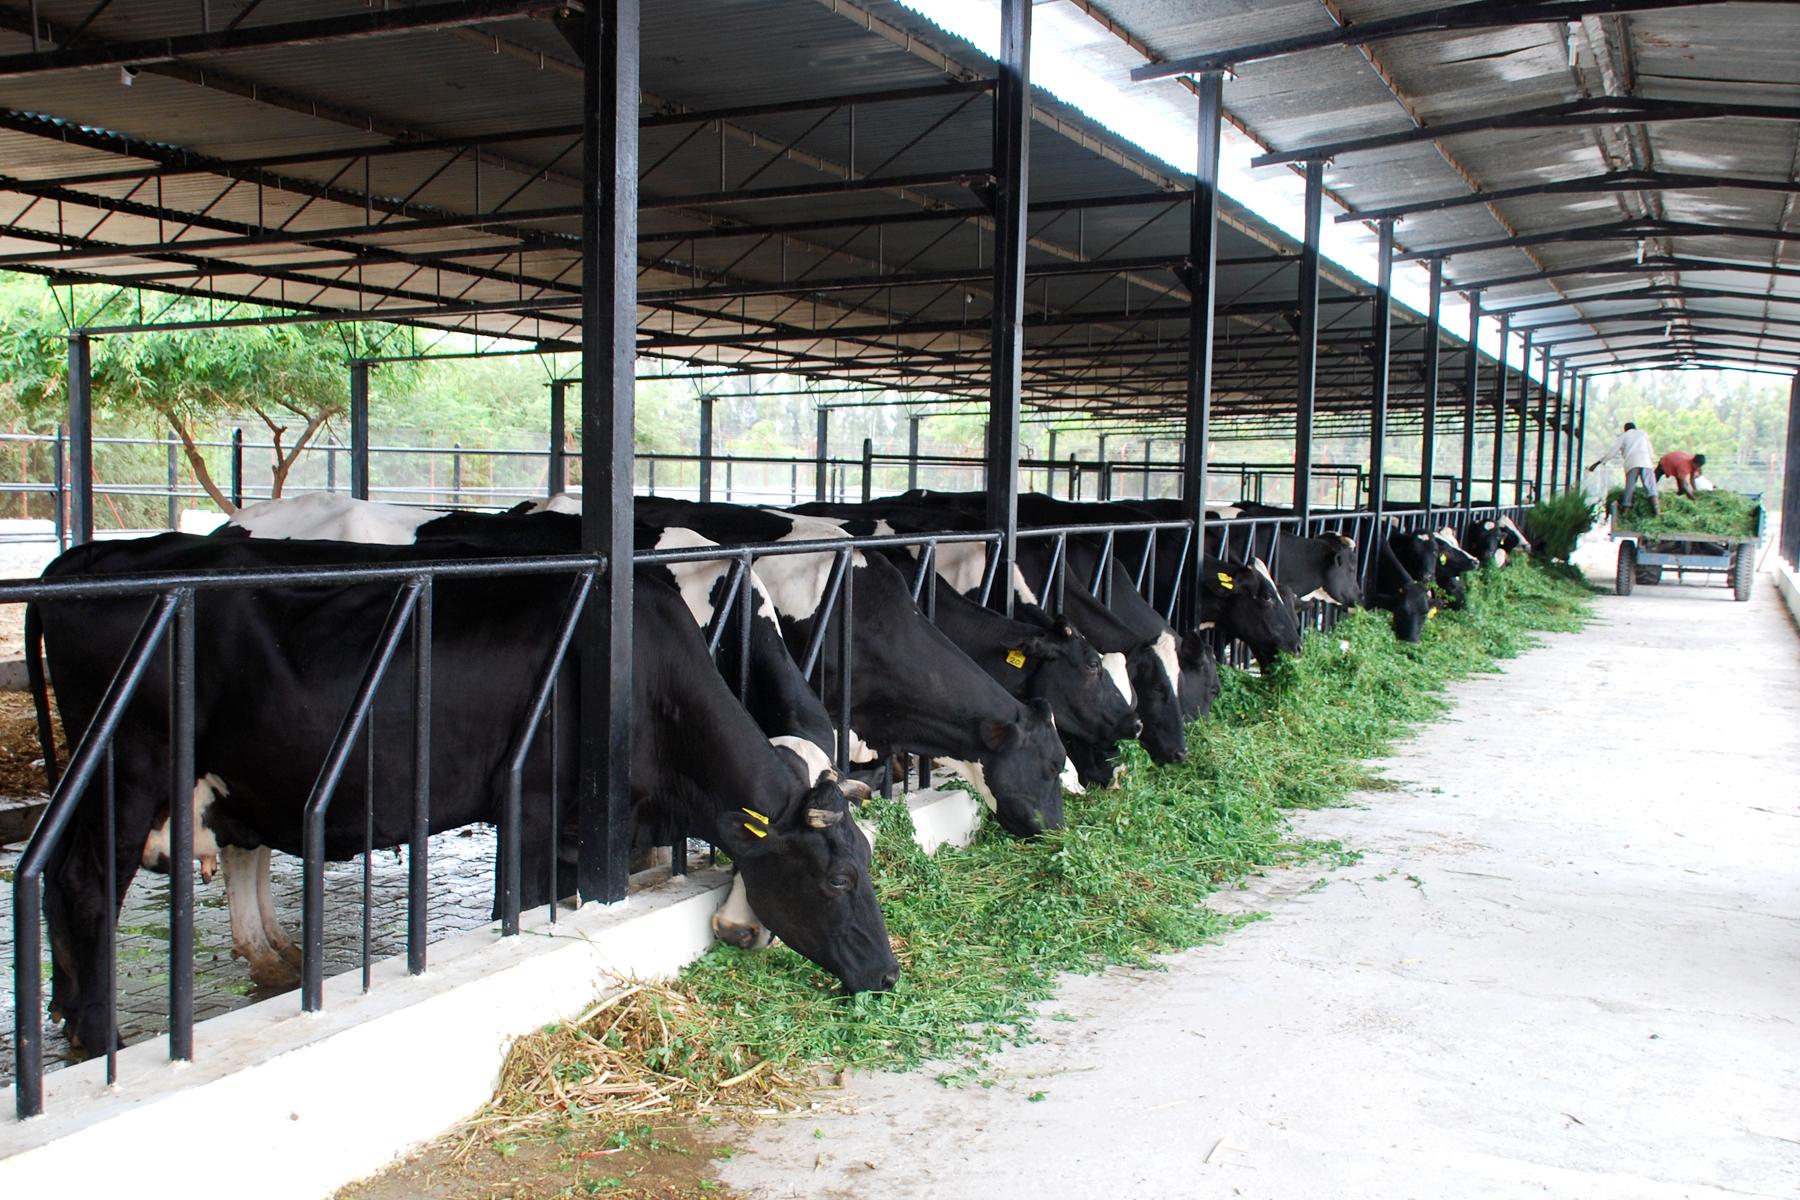 18 Ideas De Establo De Ganado Establo De Ganado Ganado Vacas Lecheras